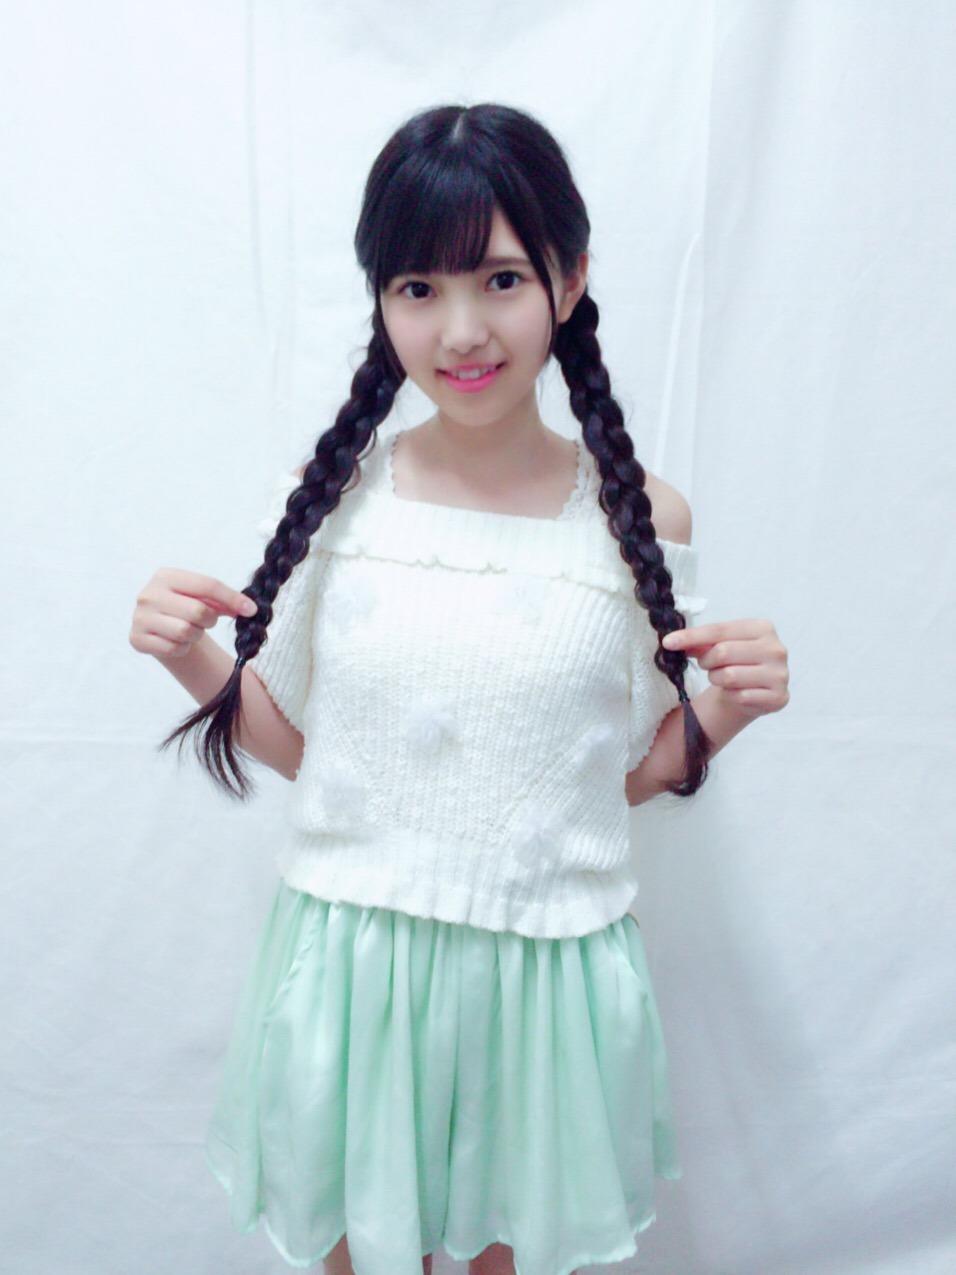 三つ編みの髪を触っている上村莉菜の画像